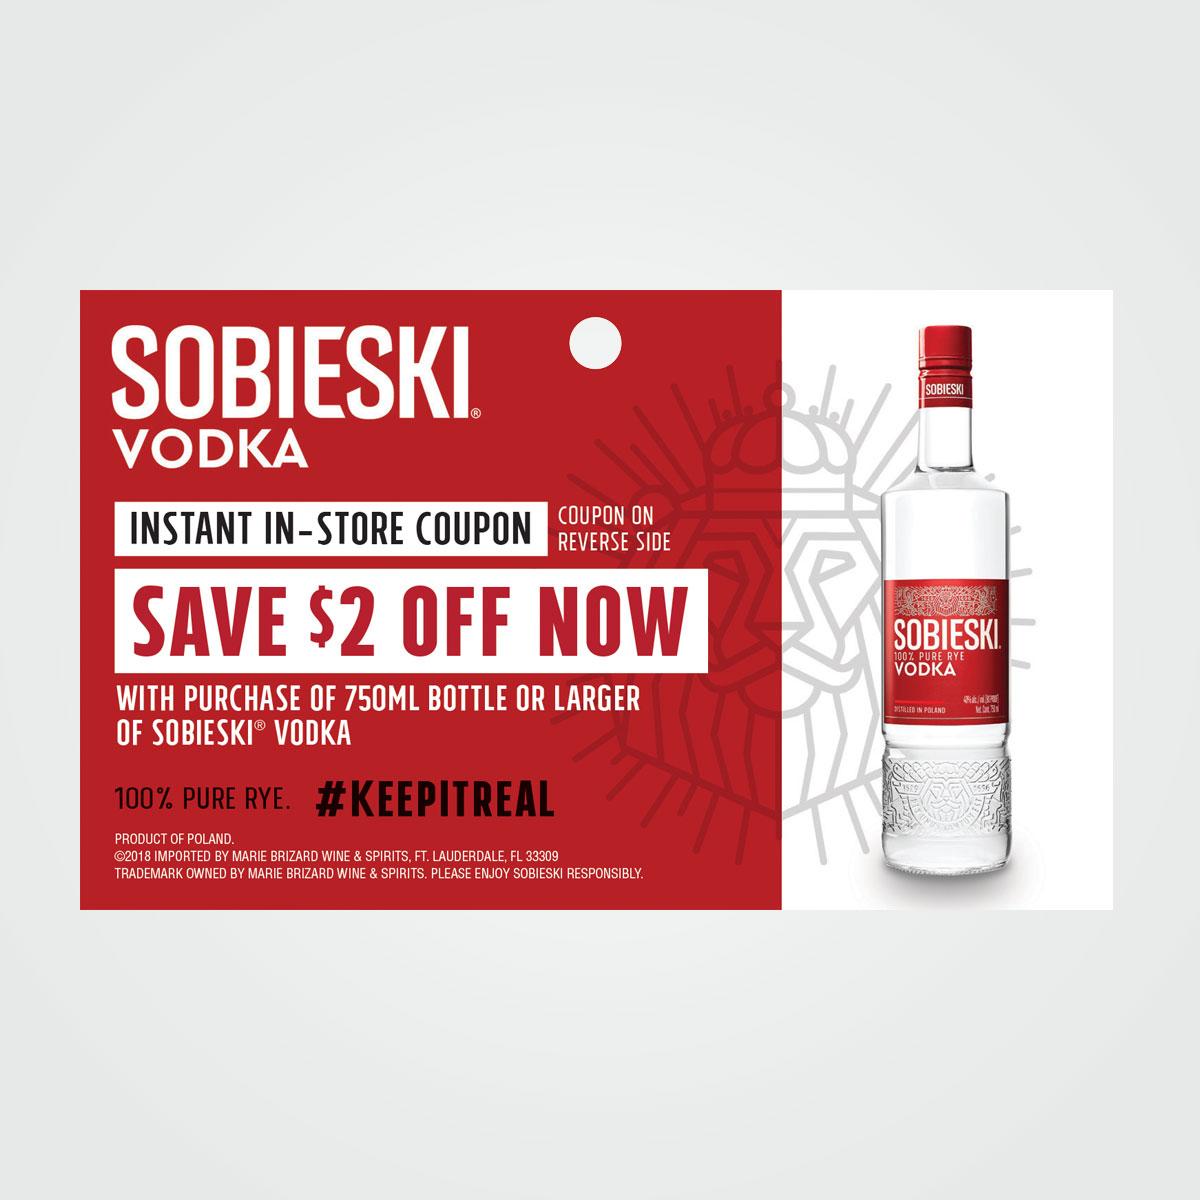 POS shelf talker / tear off instant rebate coupon design for Sobieski Vodka